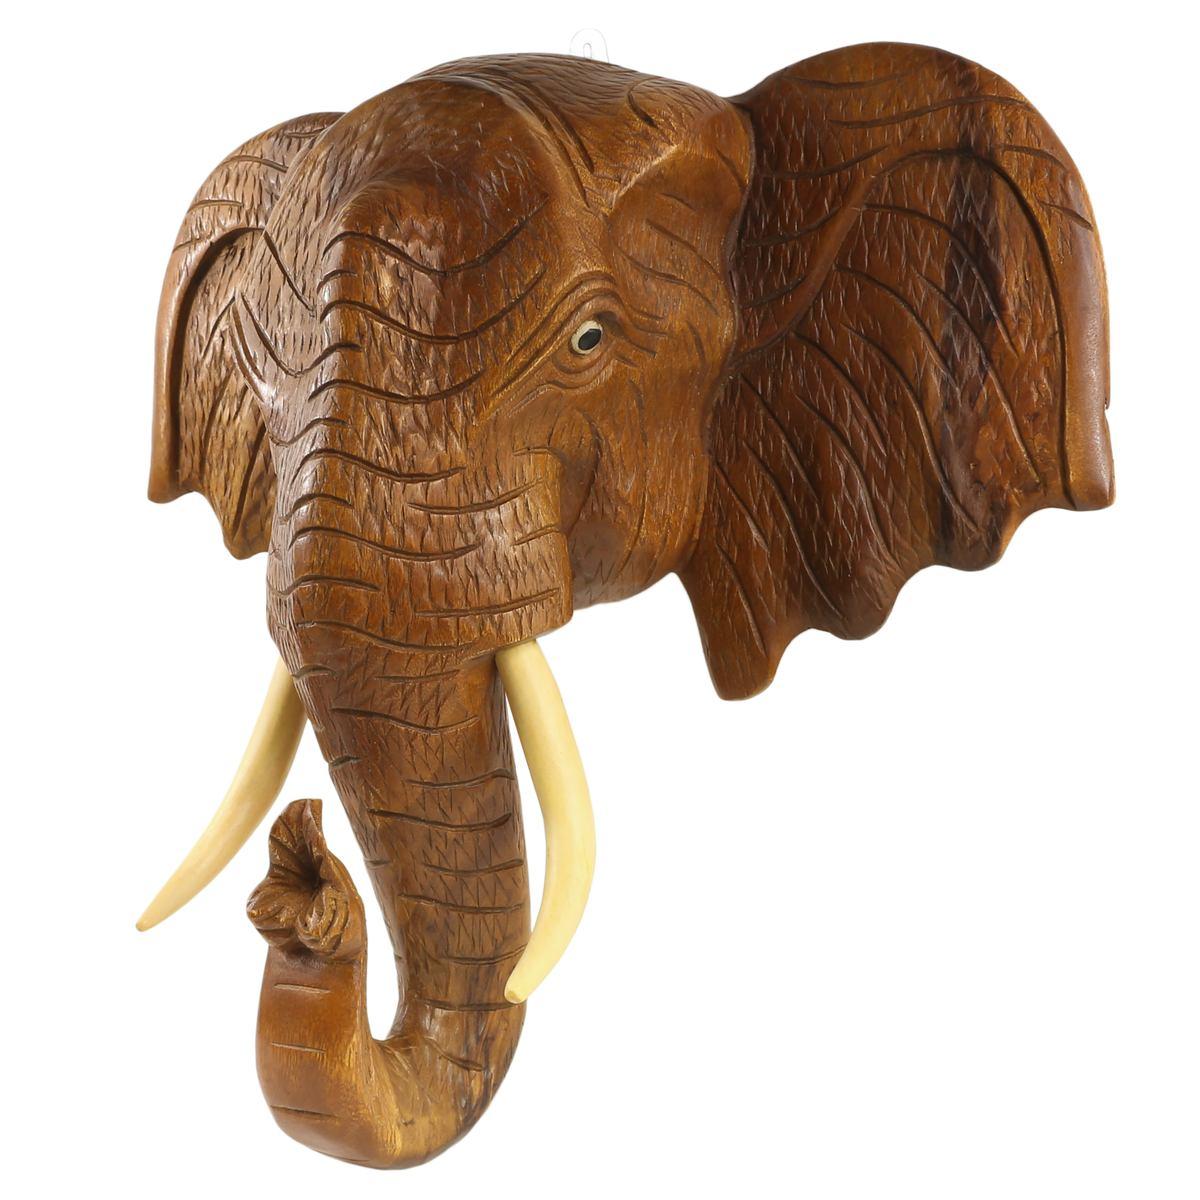 Elefantenkopf Wanddeko Elefant Holz Kopf Skulptur Figur Trophäe ...